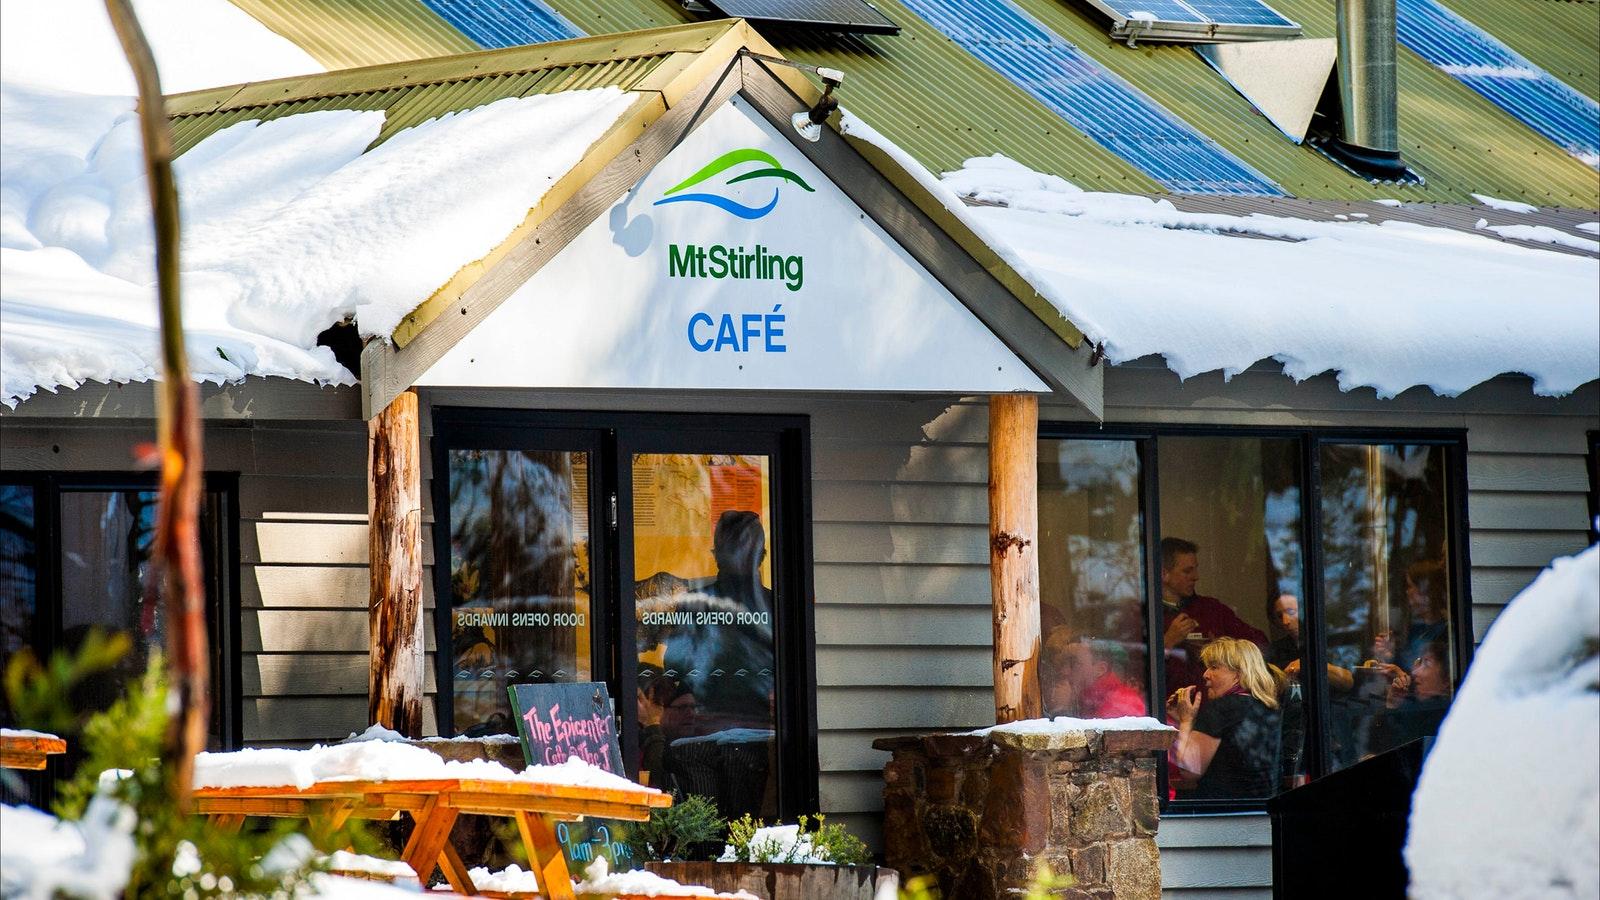 Mt Stirling Cafe